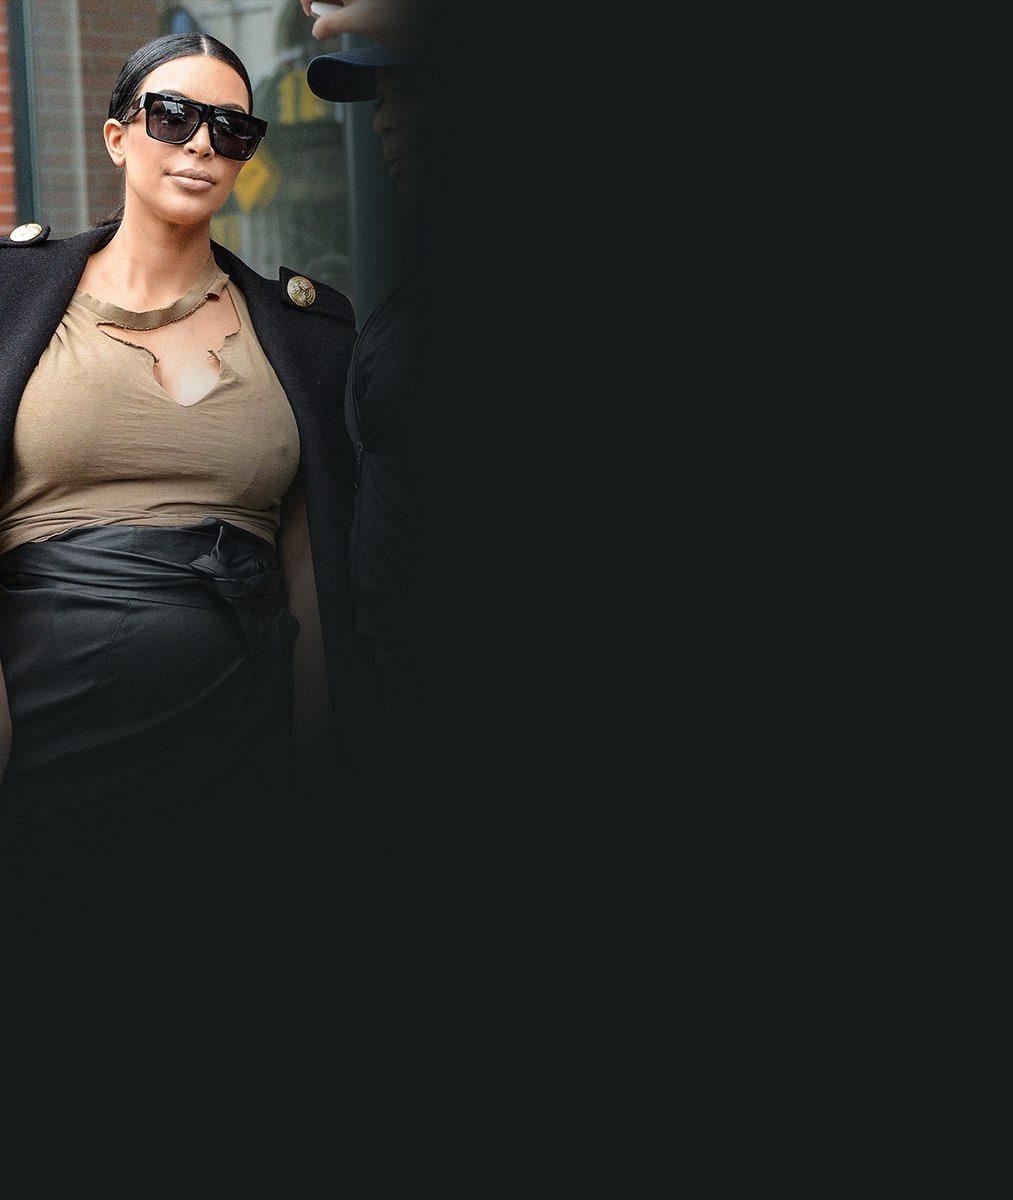 Těhotná Kim Kardashian narostla do obřích rozměrů: Už se pod ní dokonce podlamují podpatky